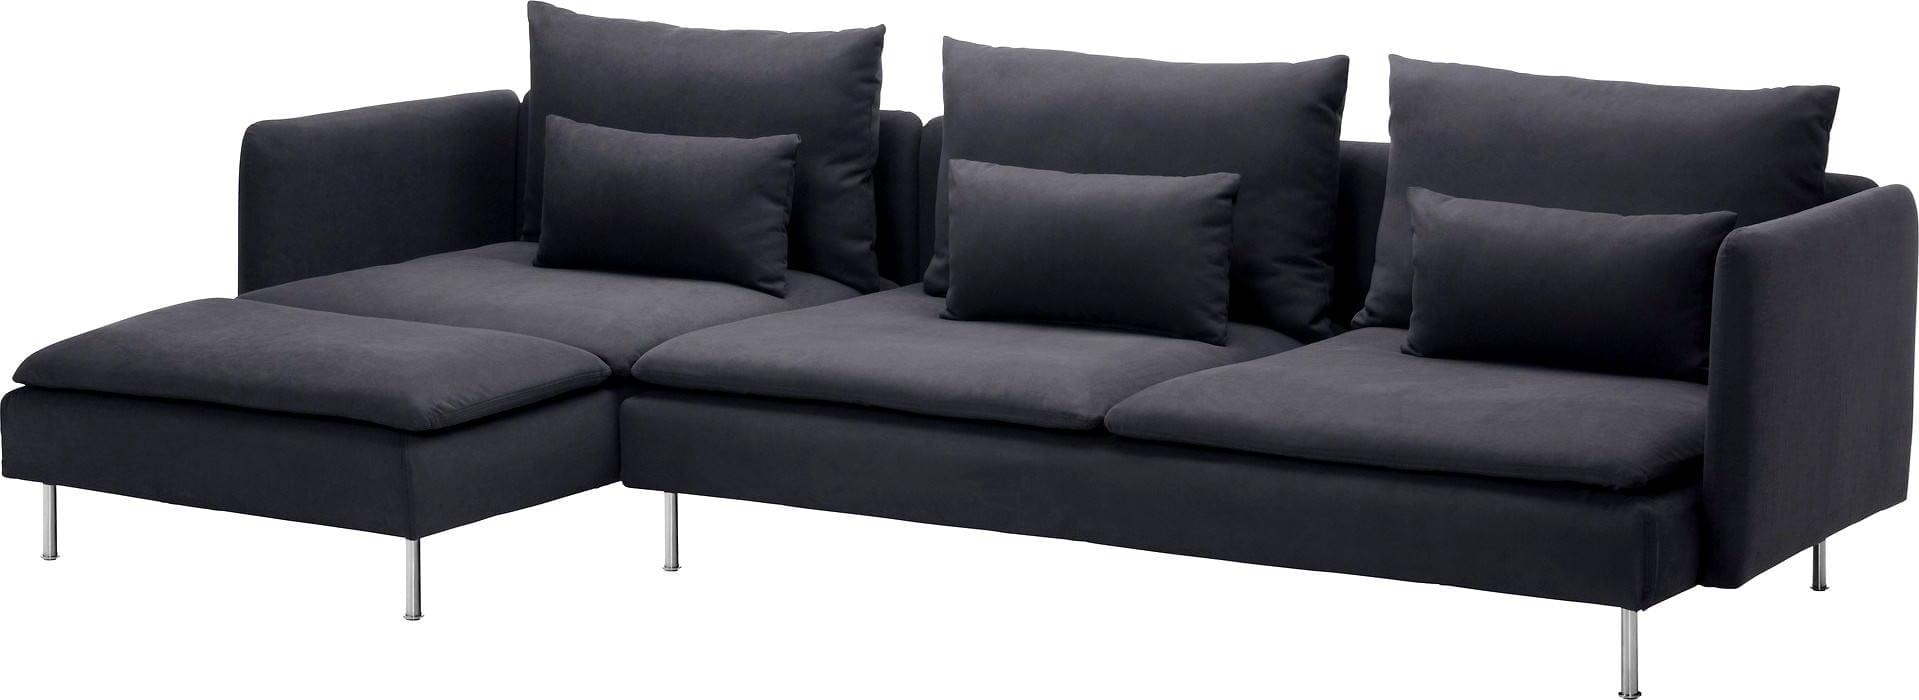 ikea-2015-kose-koltuk-modelleri İkea 2015 kanepe ve köşe koltuk modelleri